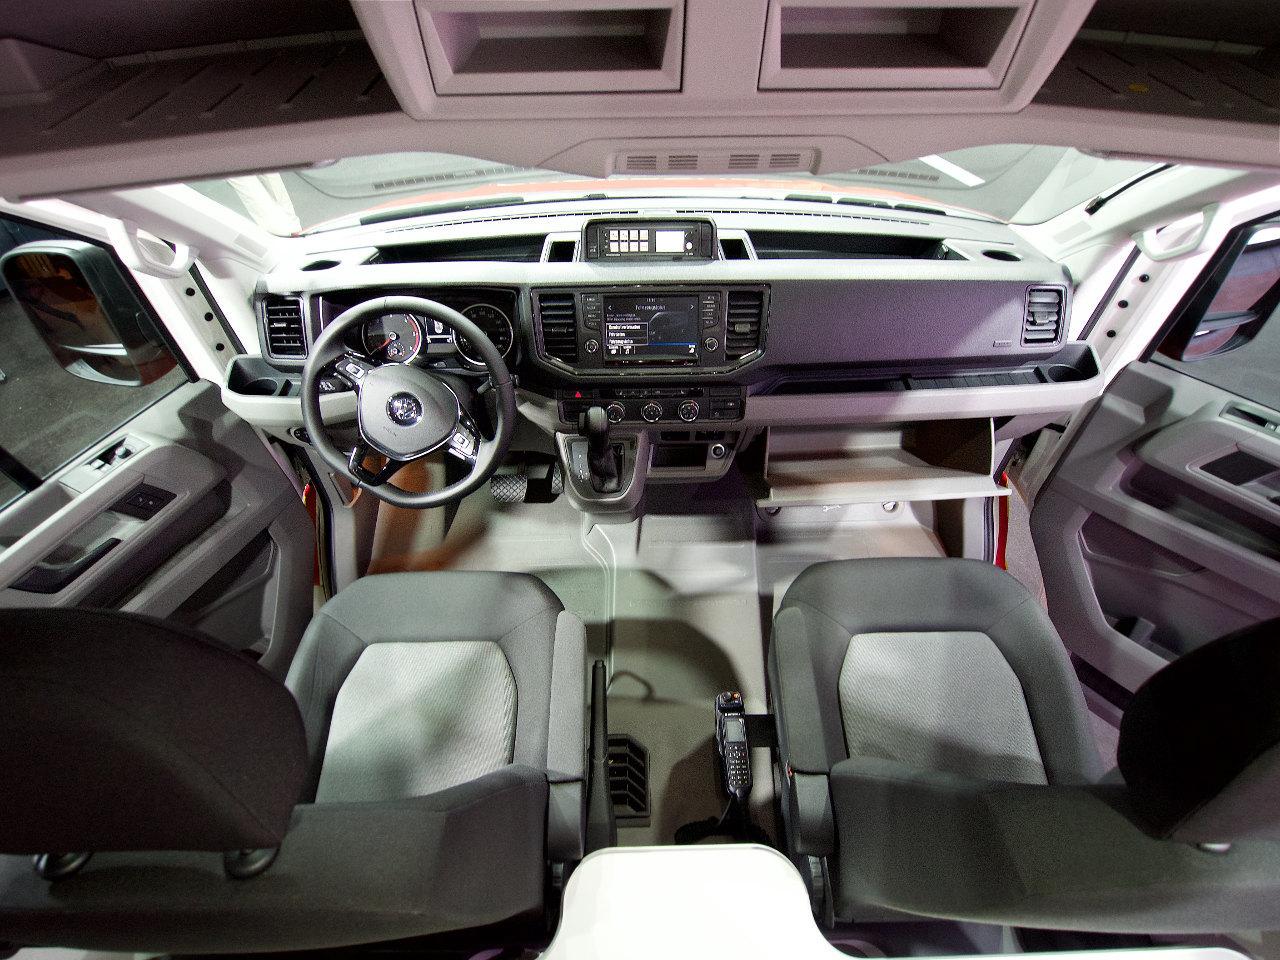 Leginkább a fej fölötti tárolóhelyek, az akár dupla jobb oldali ülés és a nagy méretek árulják el, hogy nem egy Volkswagen személyautó belsejét látjuk, a kivitelezés minősége ugyanis kiváló